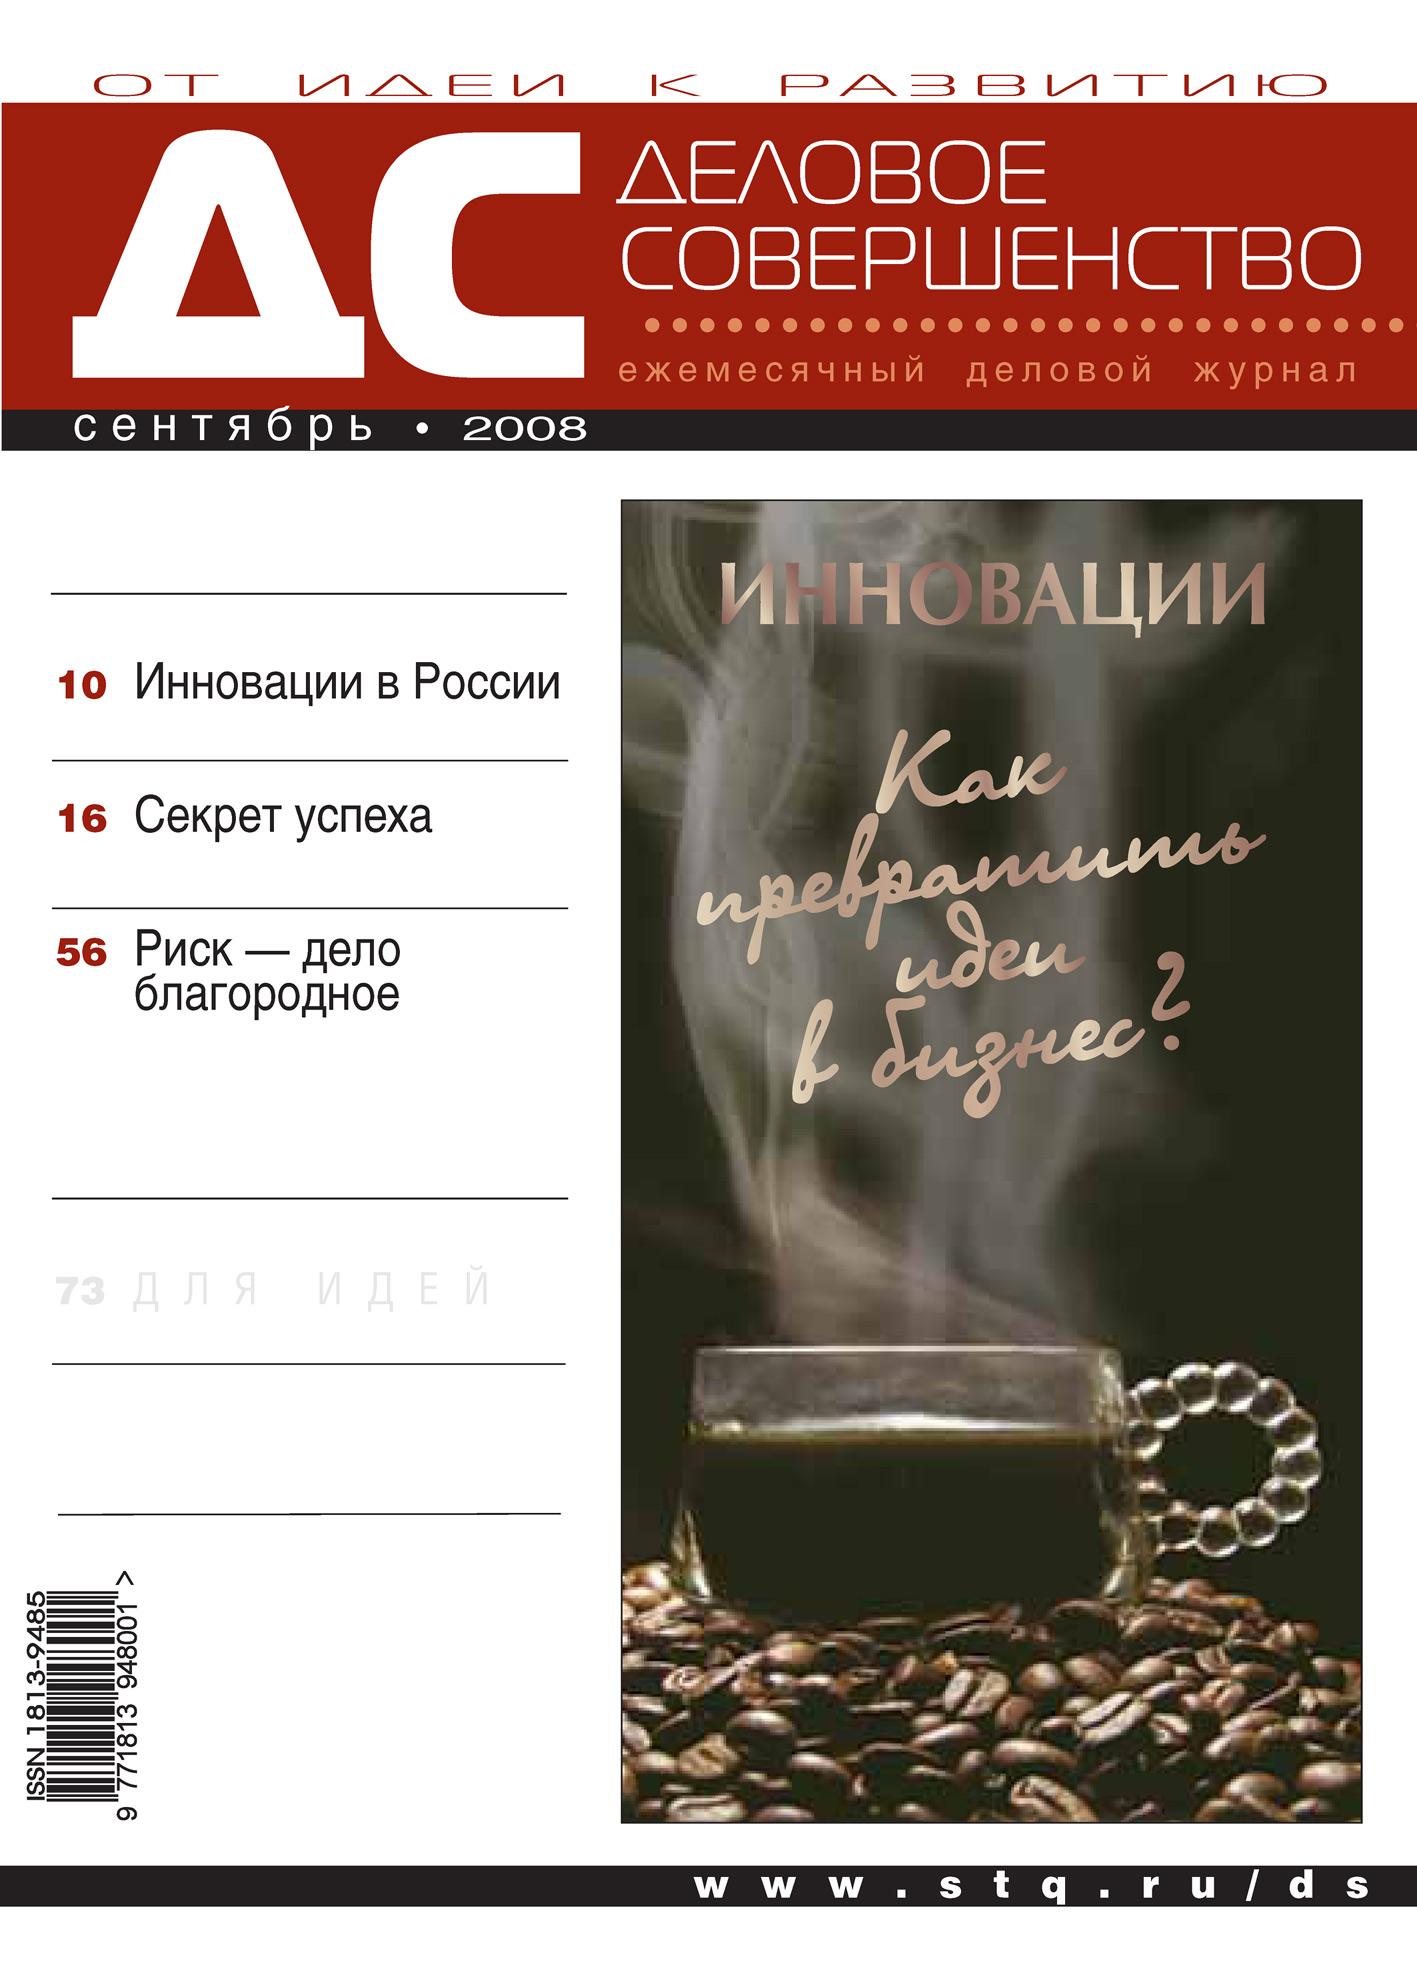 Фото - Отсутствует Деловое совершенство № 9 2008 отсутствует деловое совершенство 12 2008